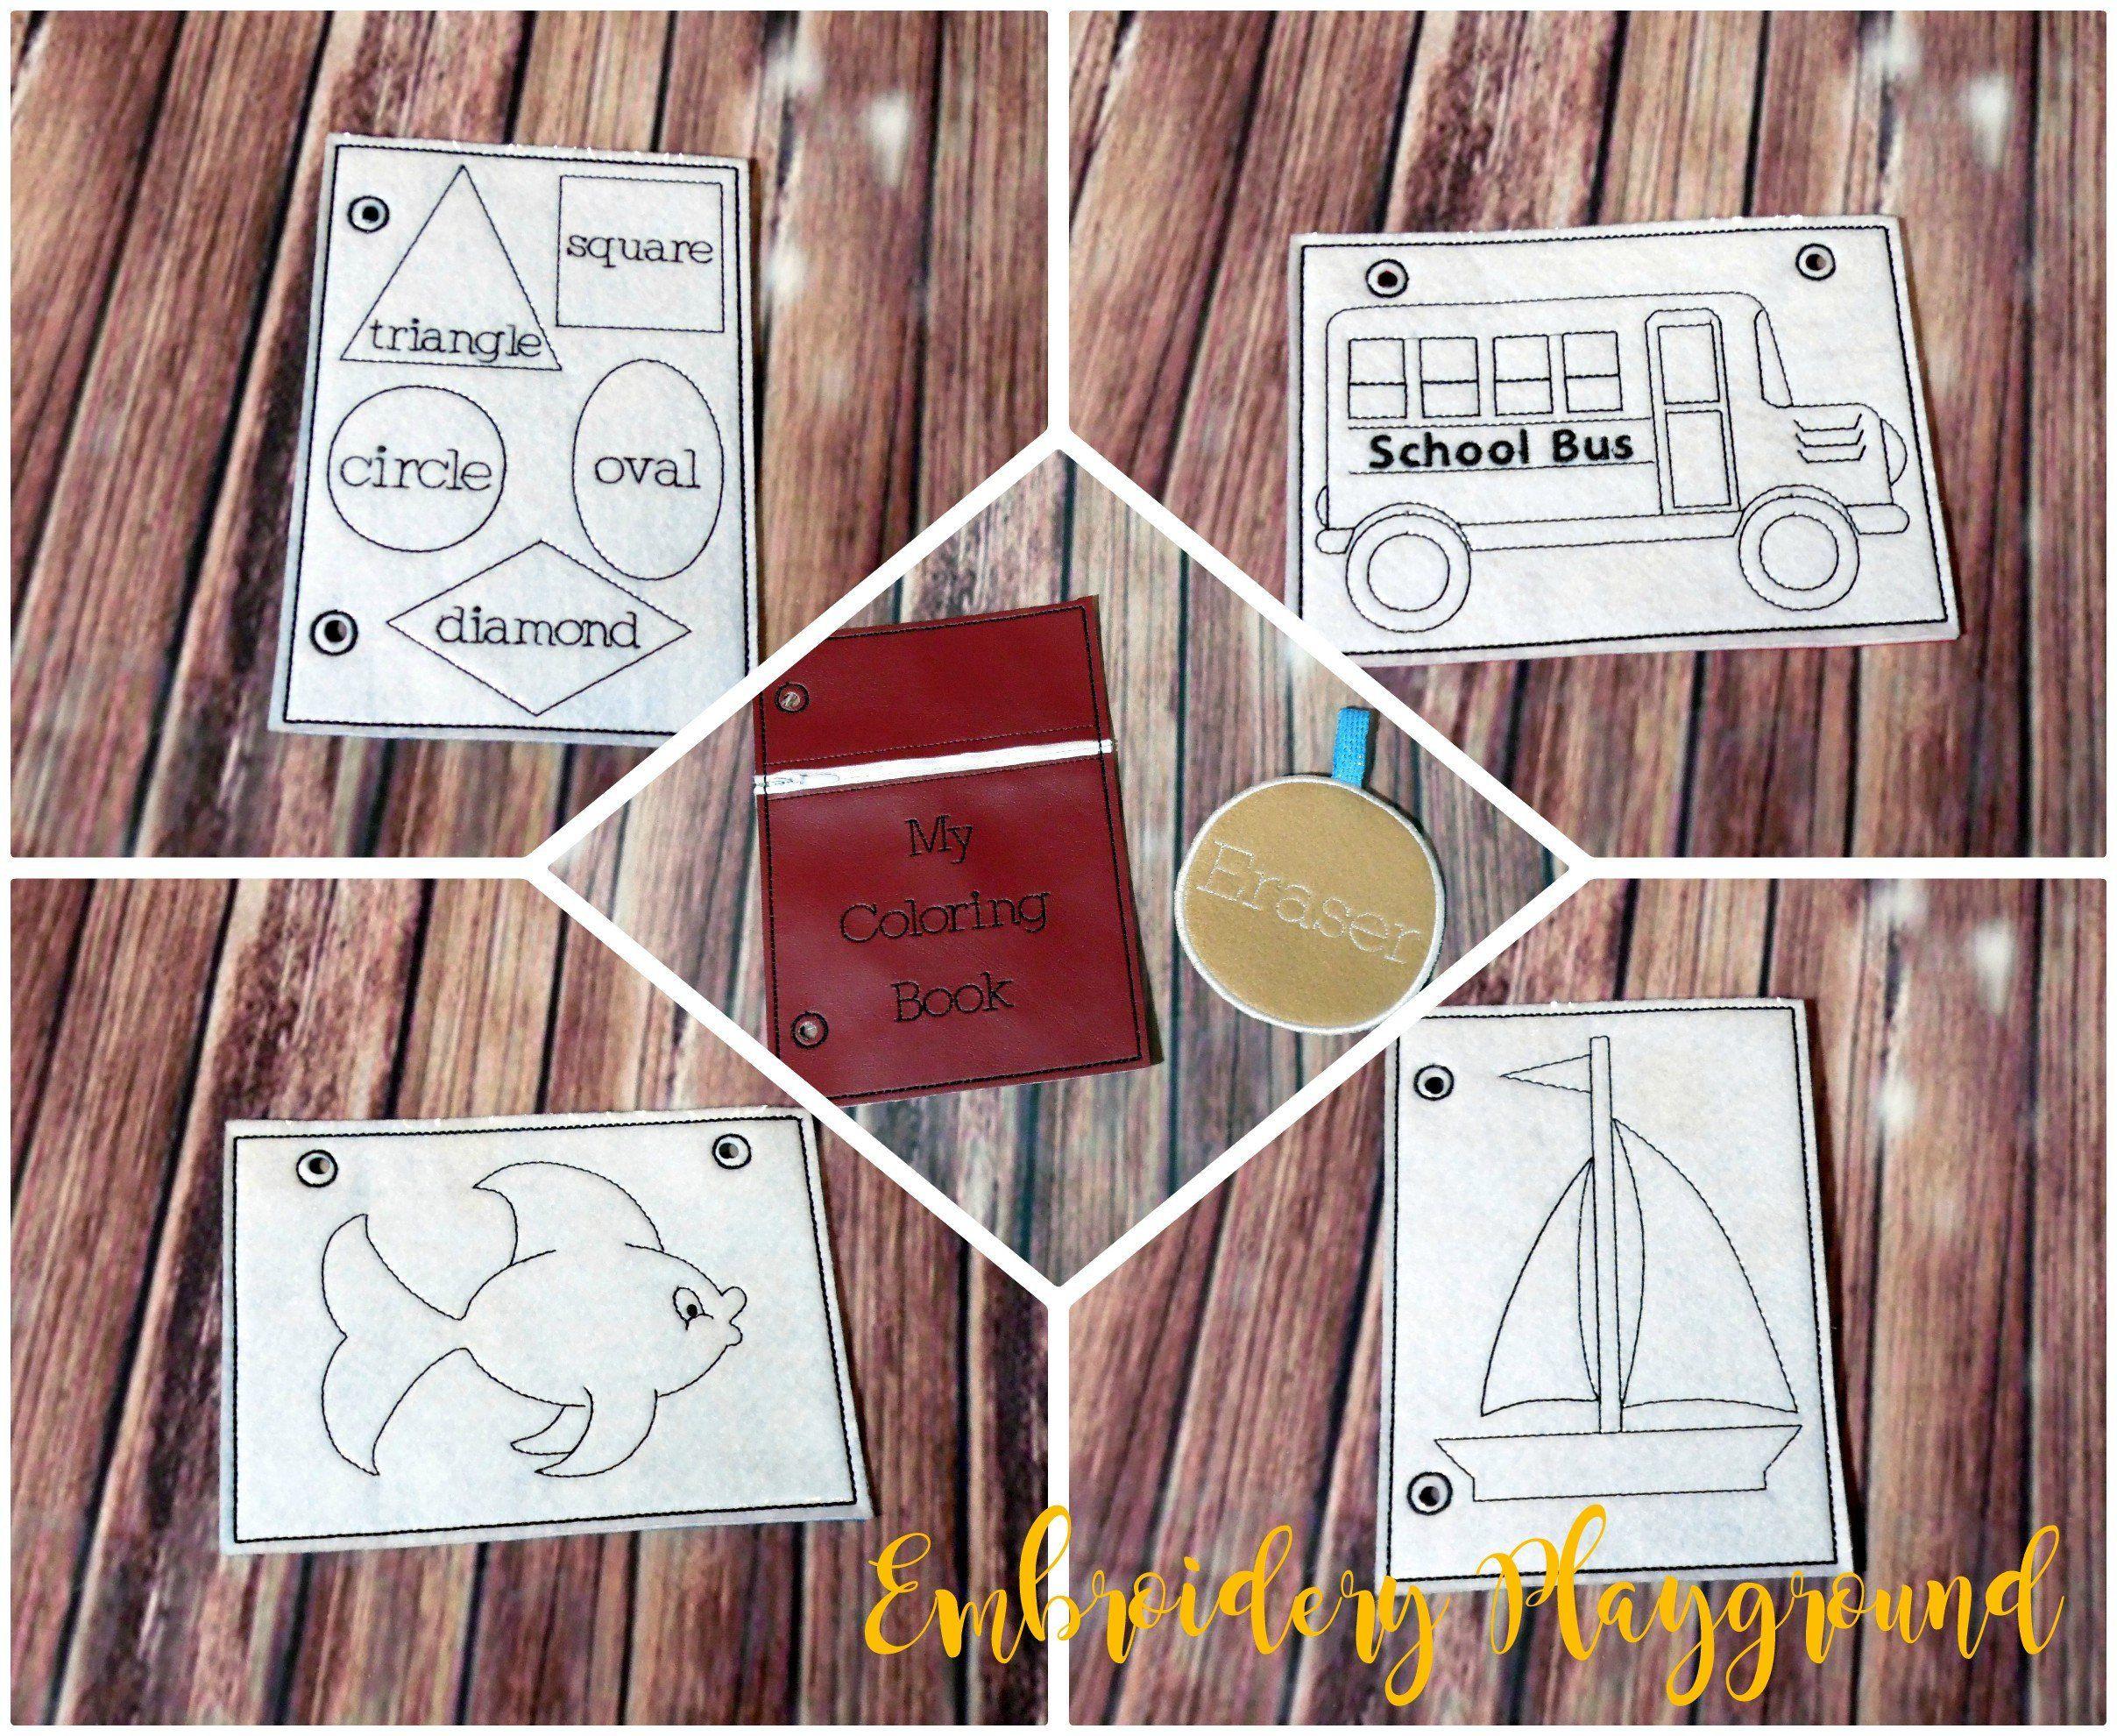 866a85e95819a Coloring Book Embroidery Design - ITH Embroidery Design - Reusable ...